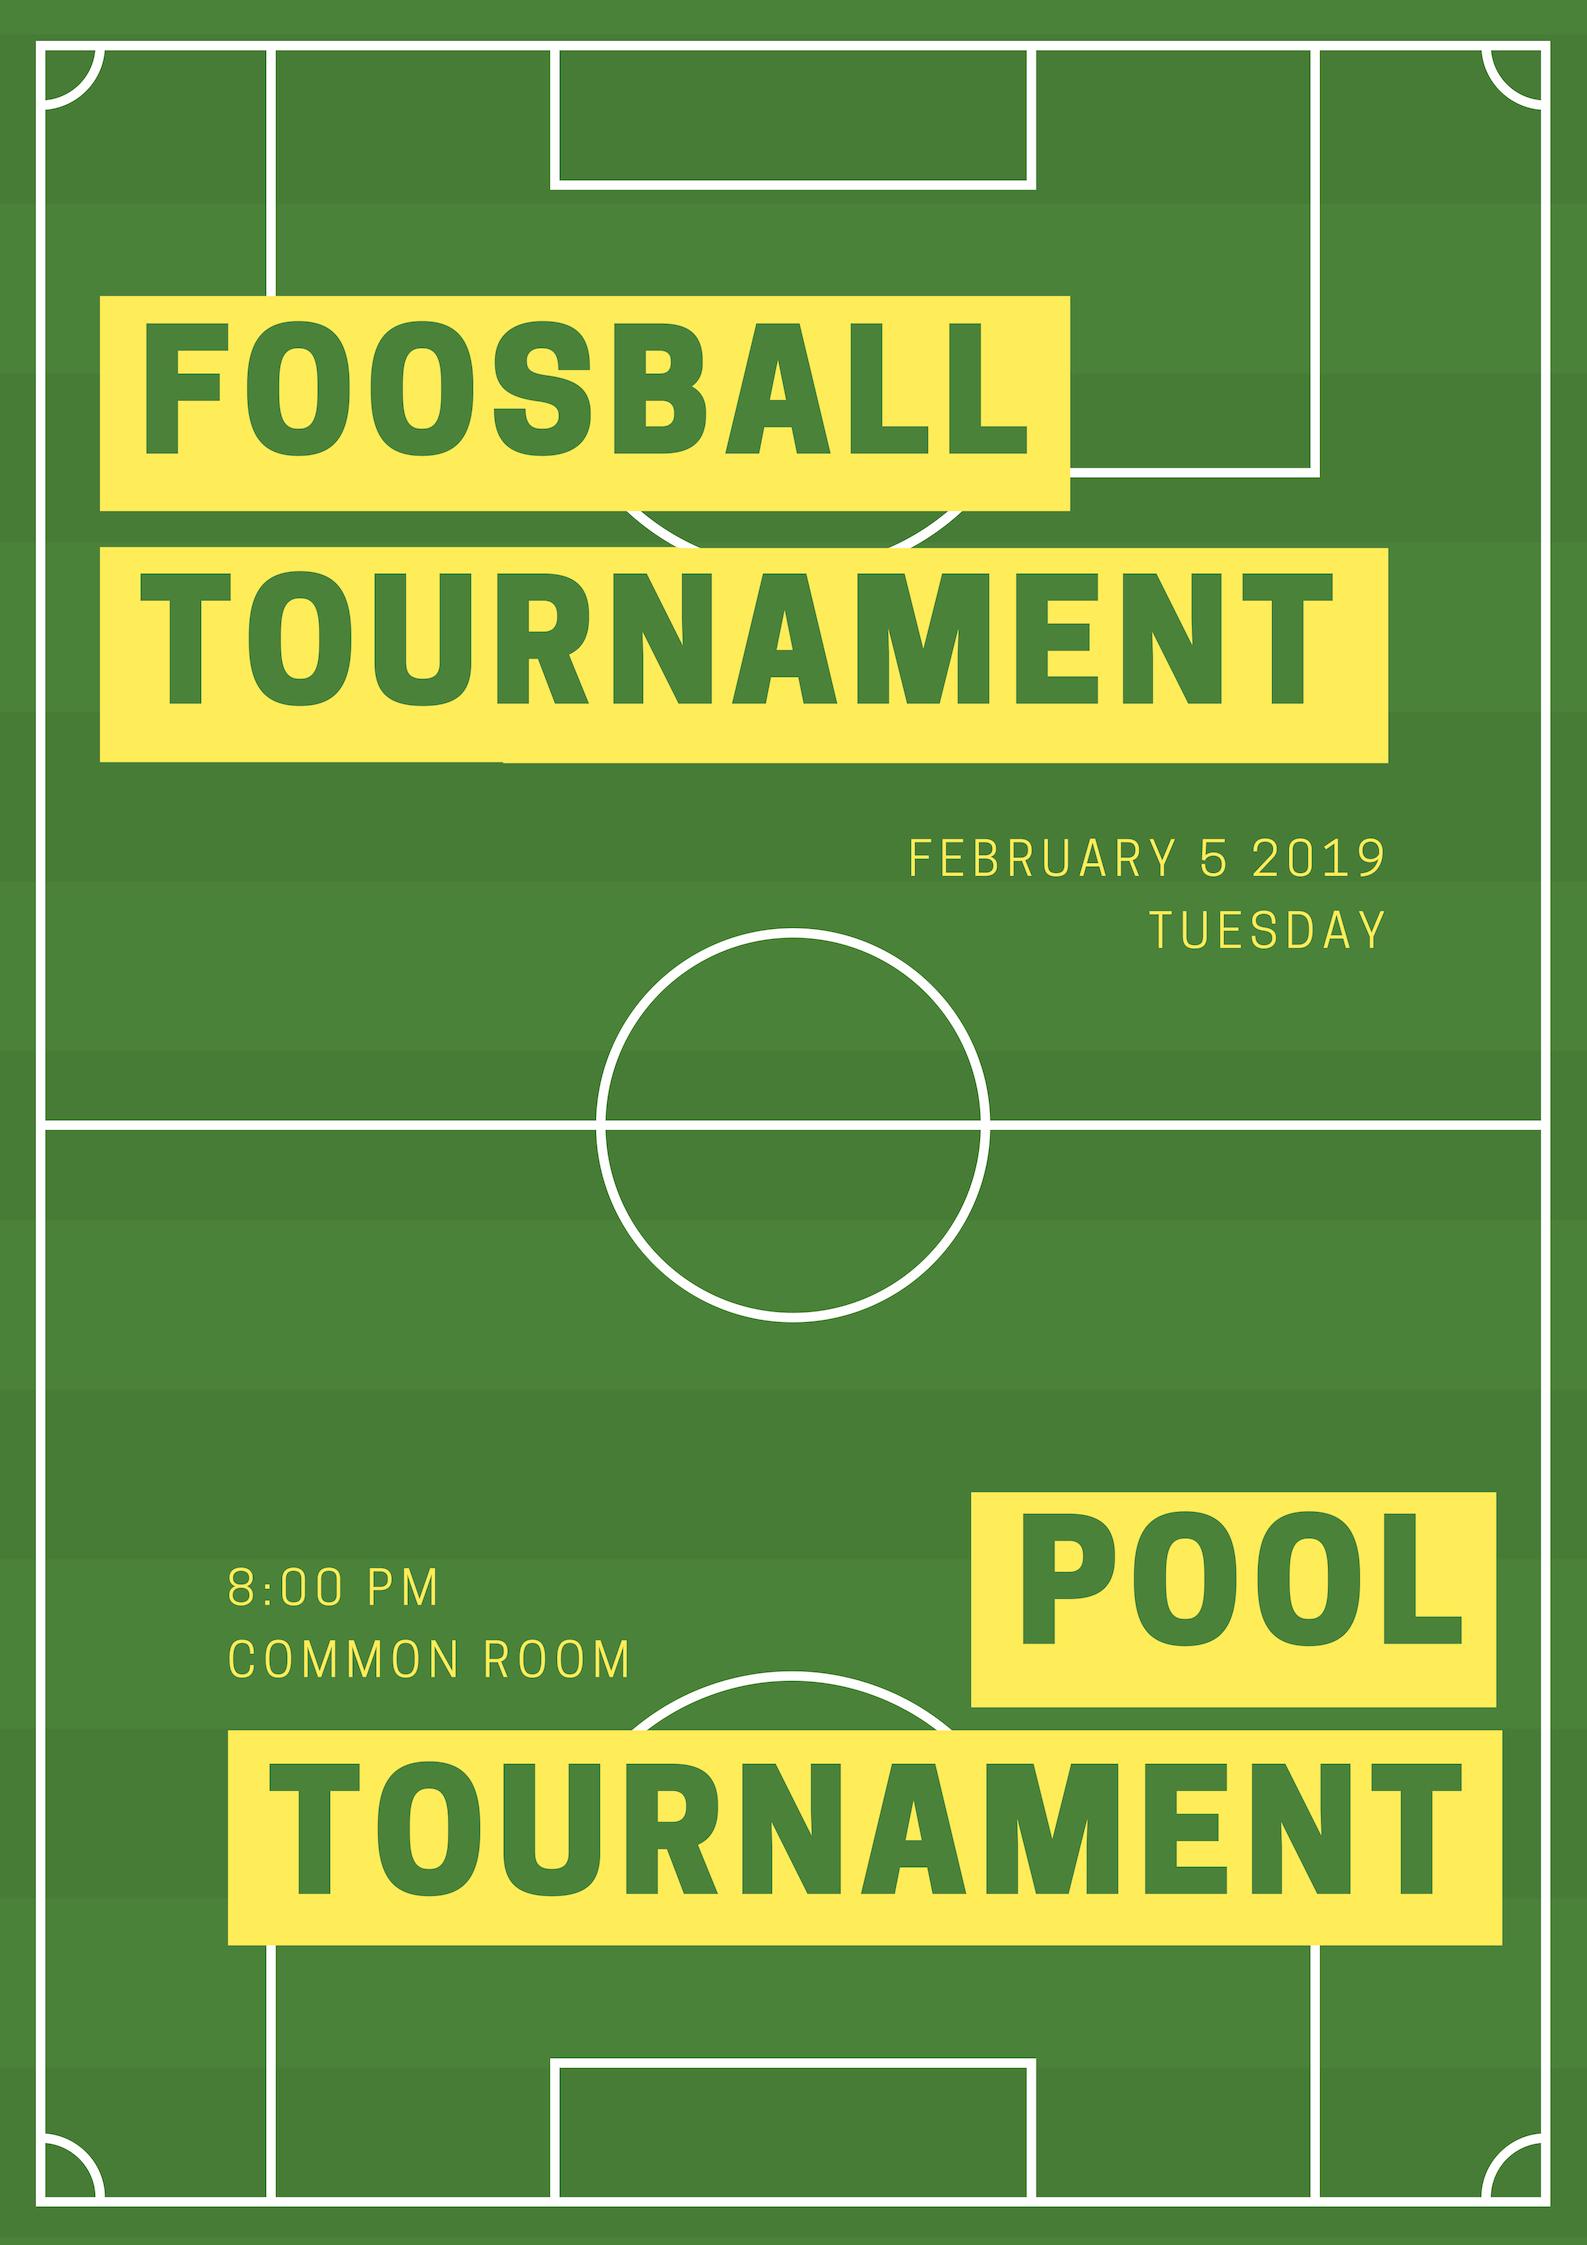 Football Field Poster.jpg